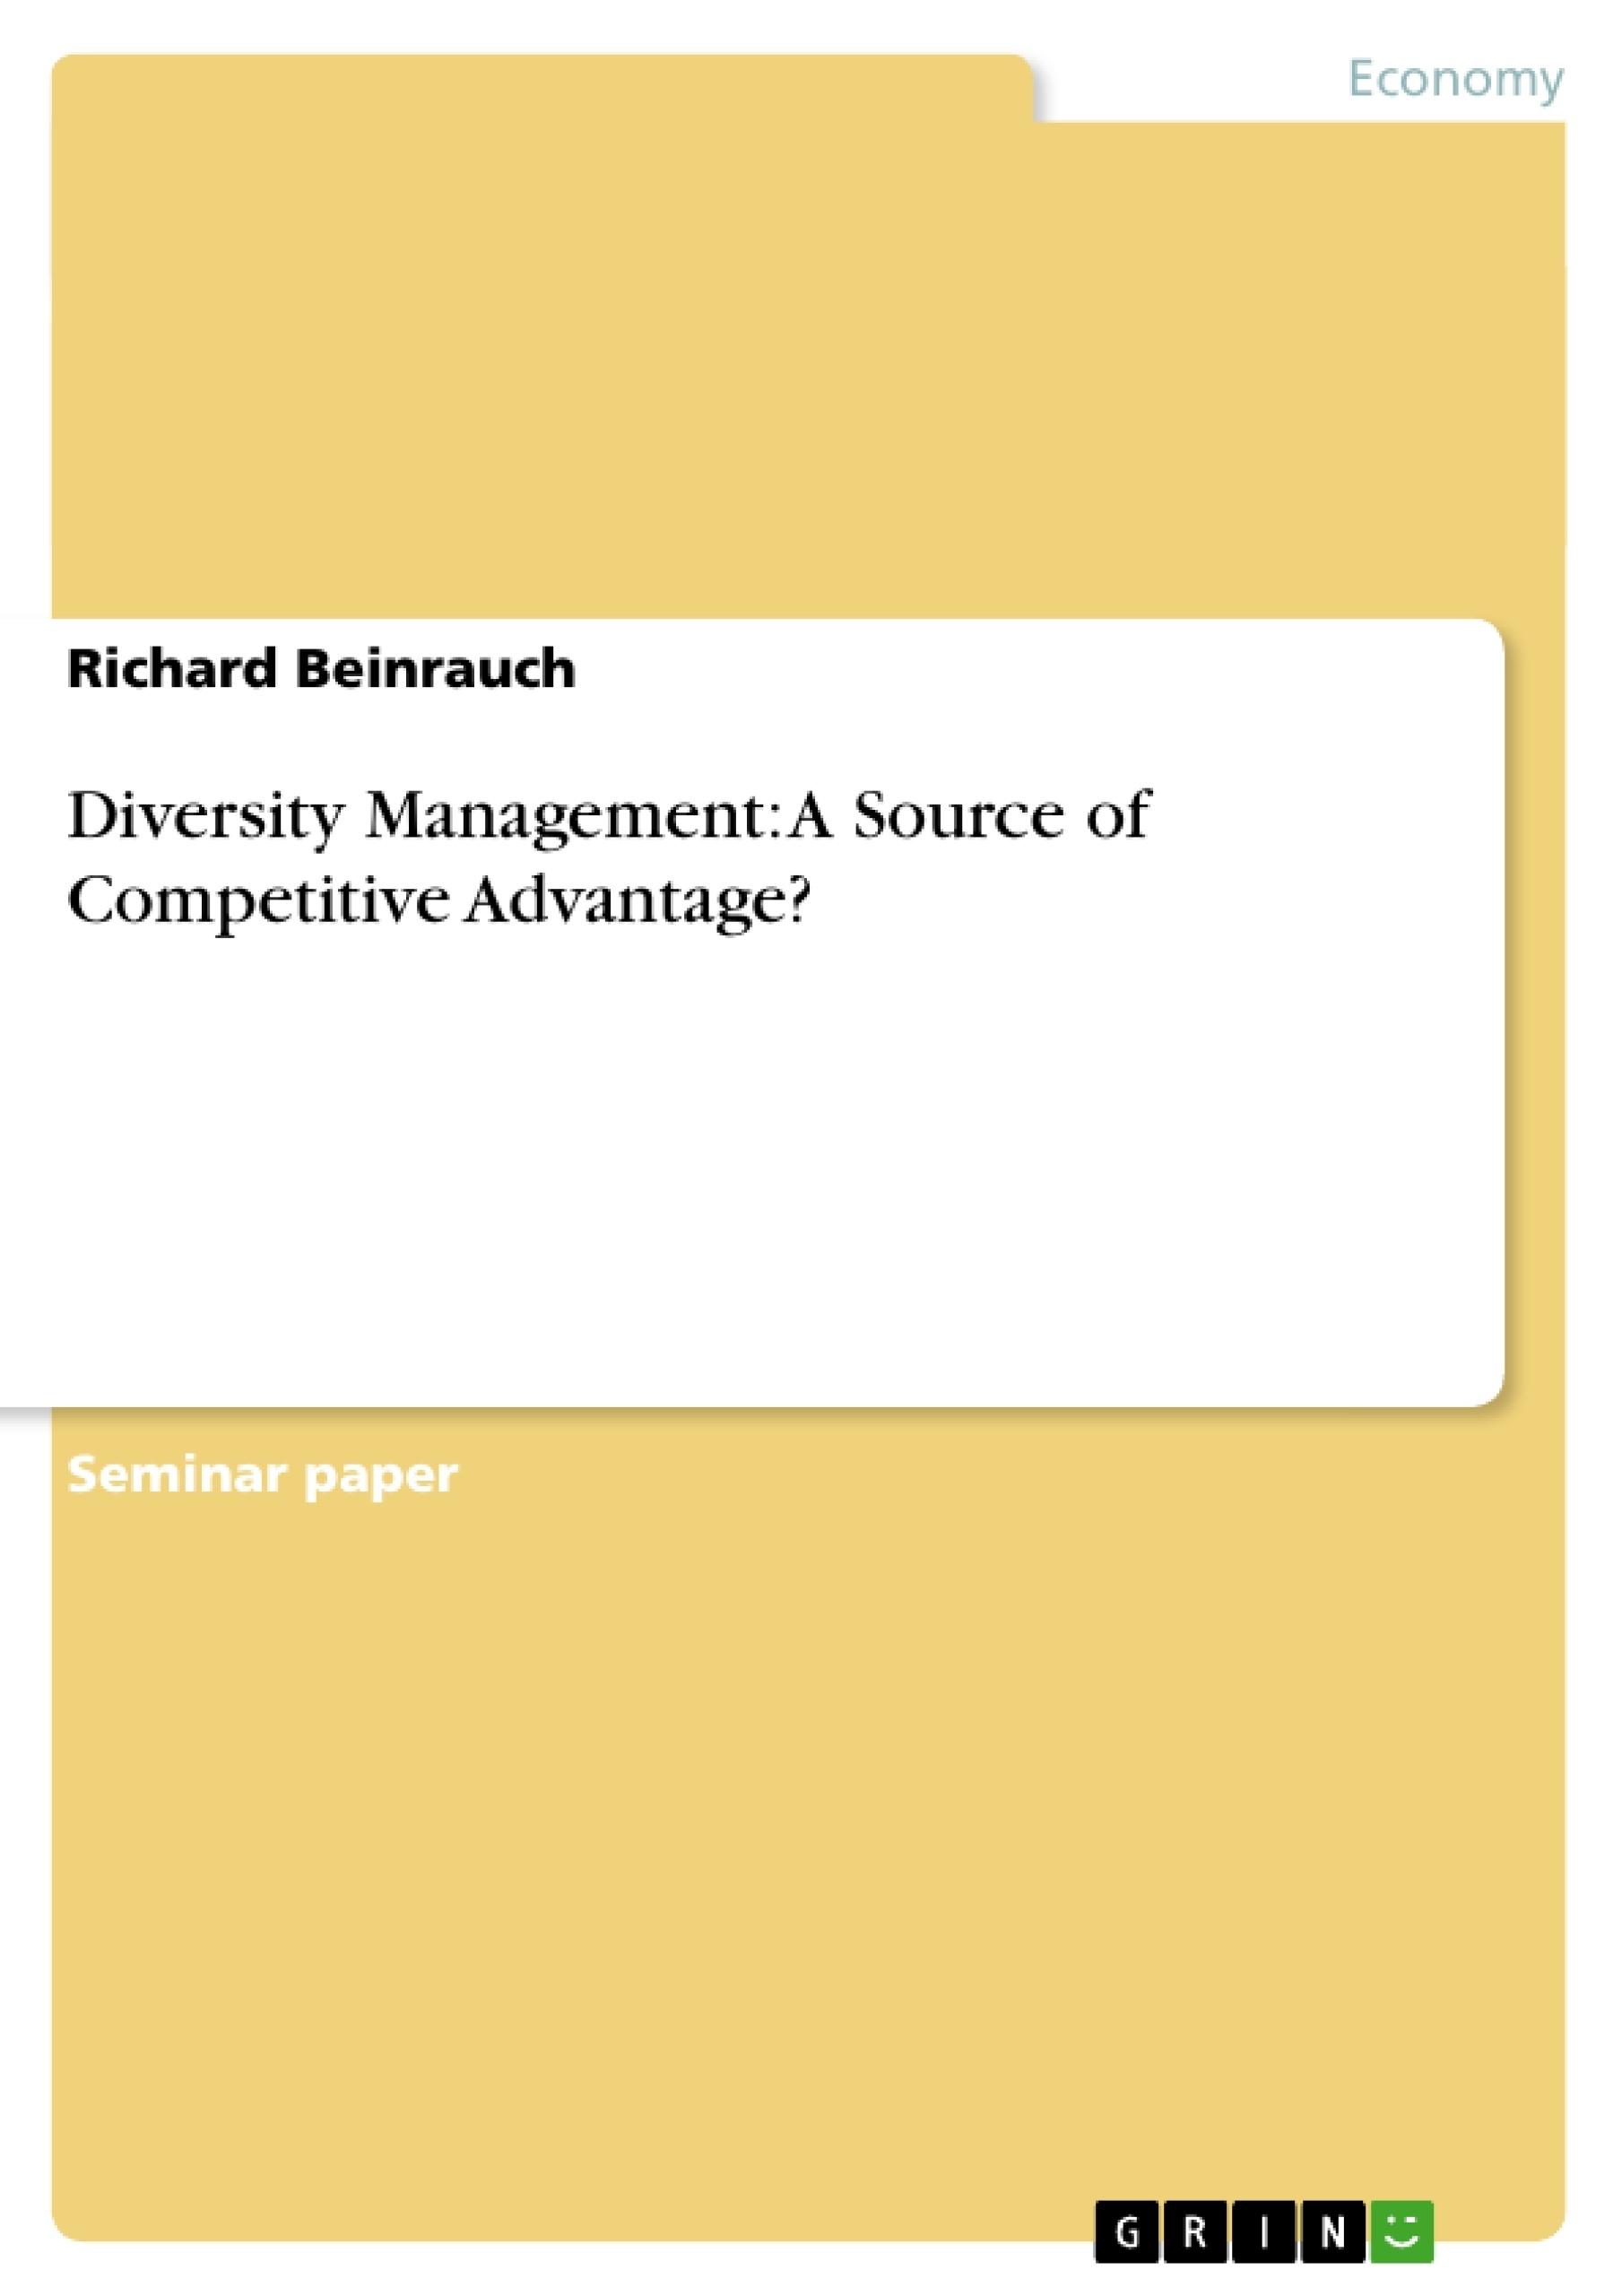 Title: Diversity Management: A Source of Competitive Advantage?